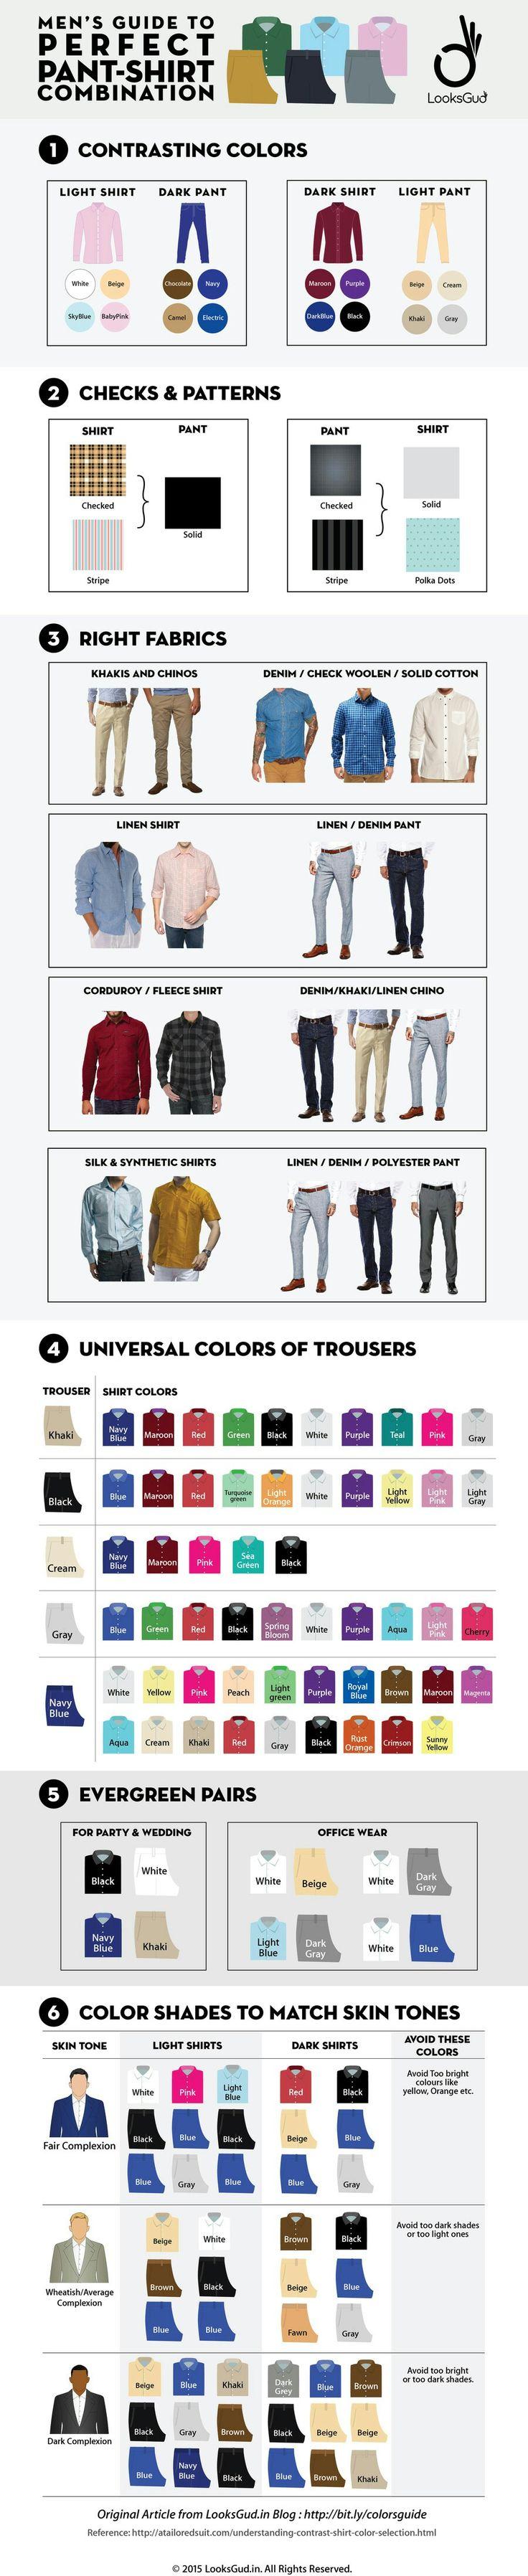 Como combinar pantalones y camisas